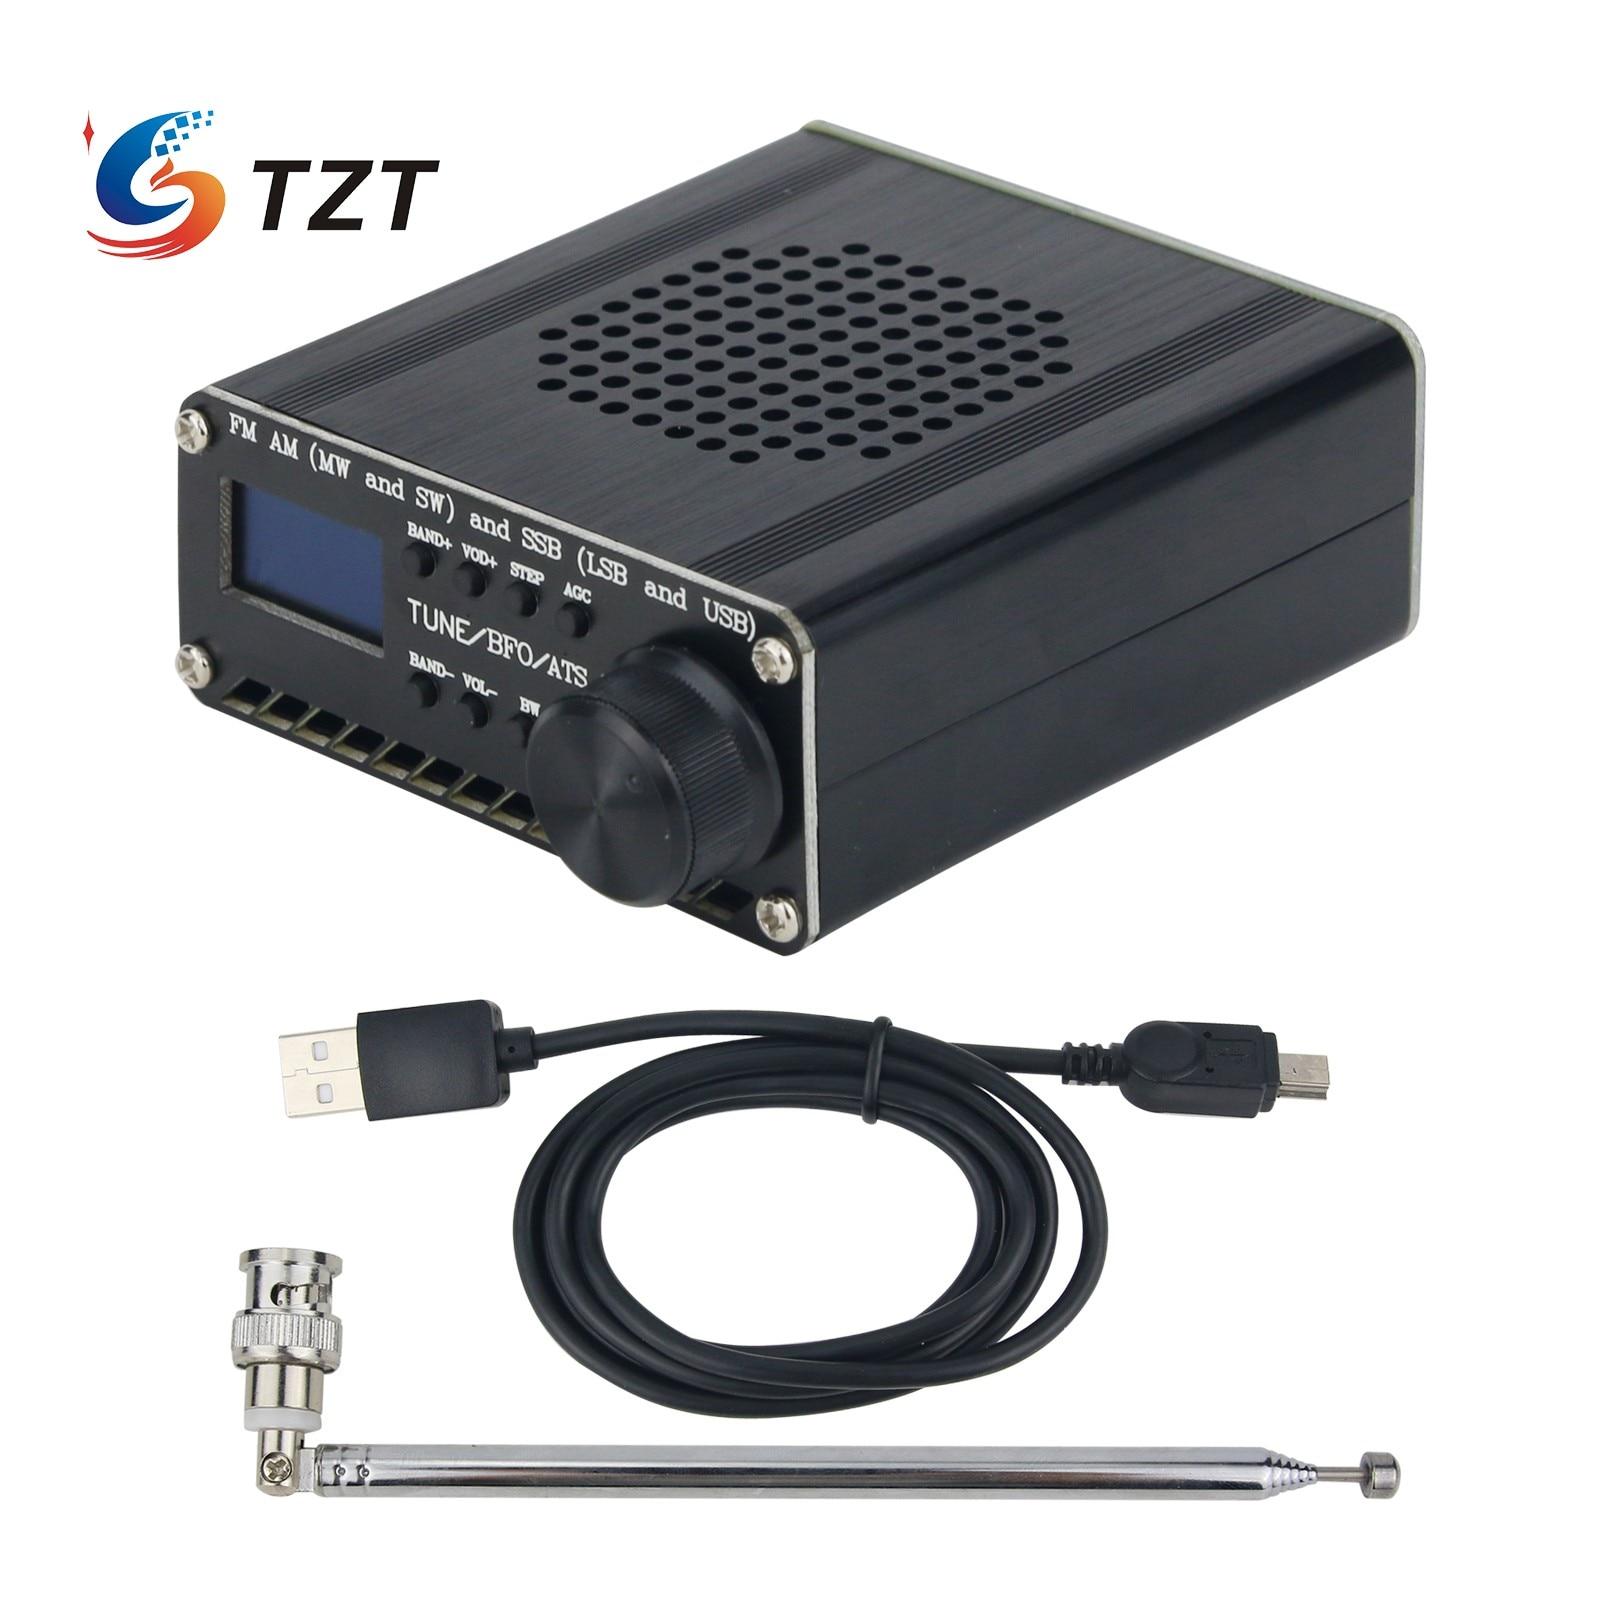 تجميعها SI4732 جميع الفرقة راديو استقبال FM AM (MW & SW) SSB (LSB & USB) مع بطارية ليثيوم + هوائي + مكبر صوت + حافظة